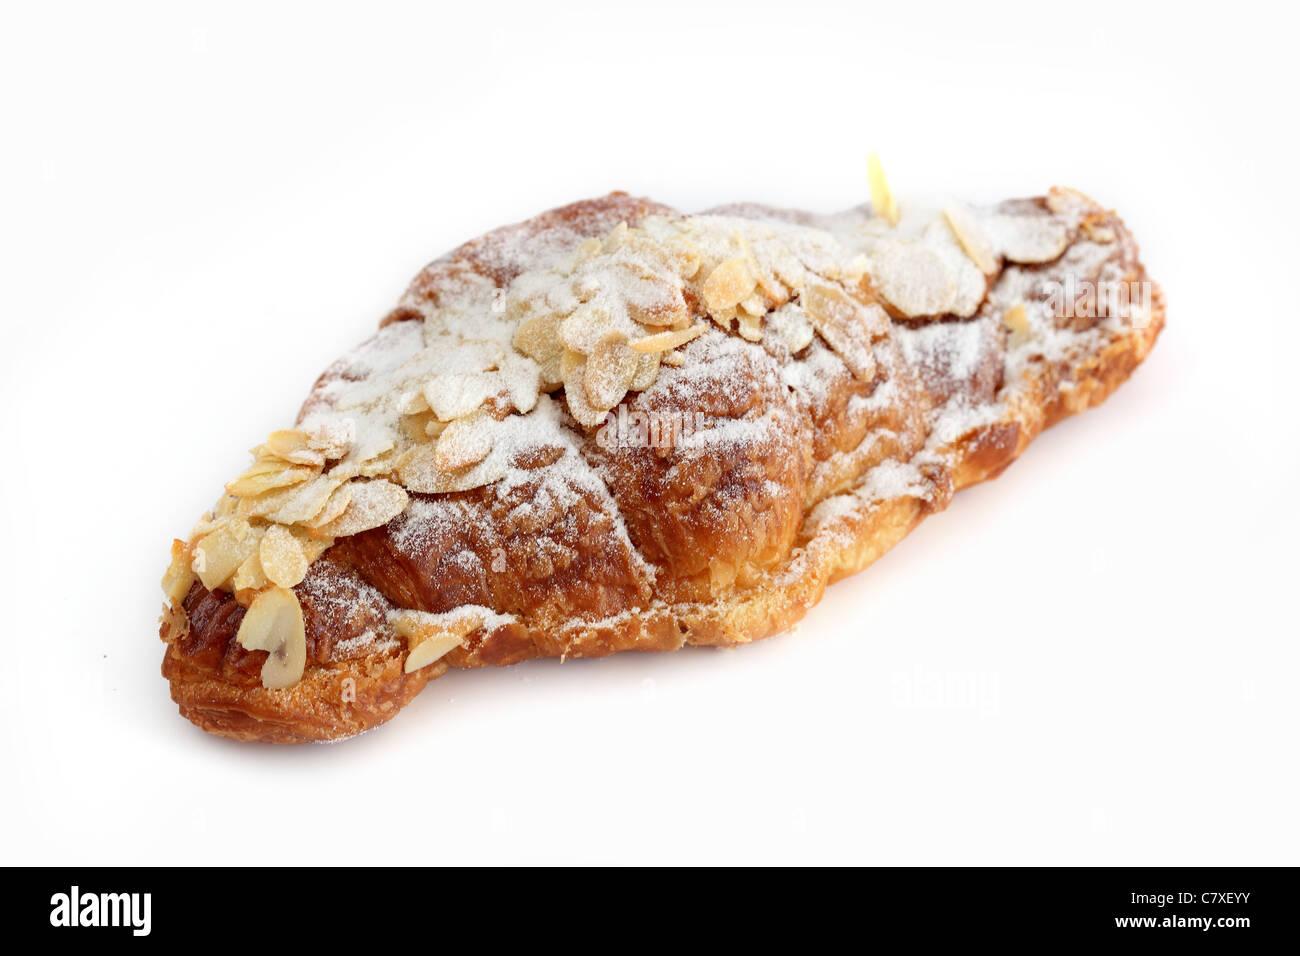 Croissant aux amandes Almond croissant - Stock Image